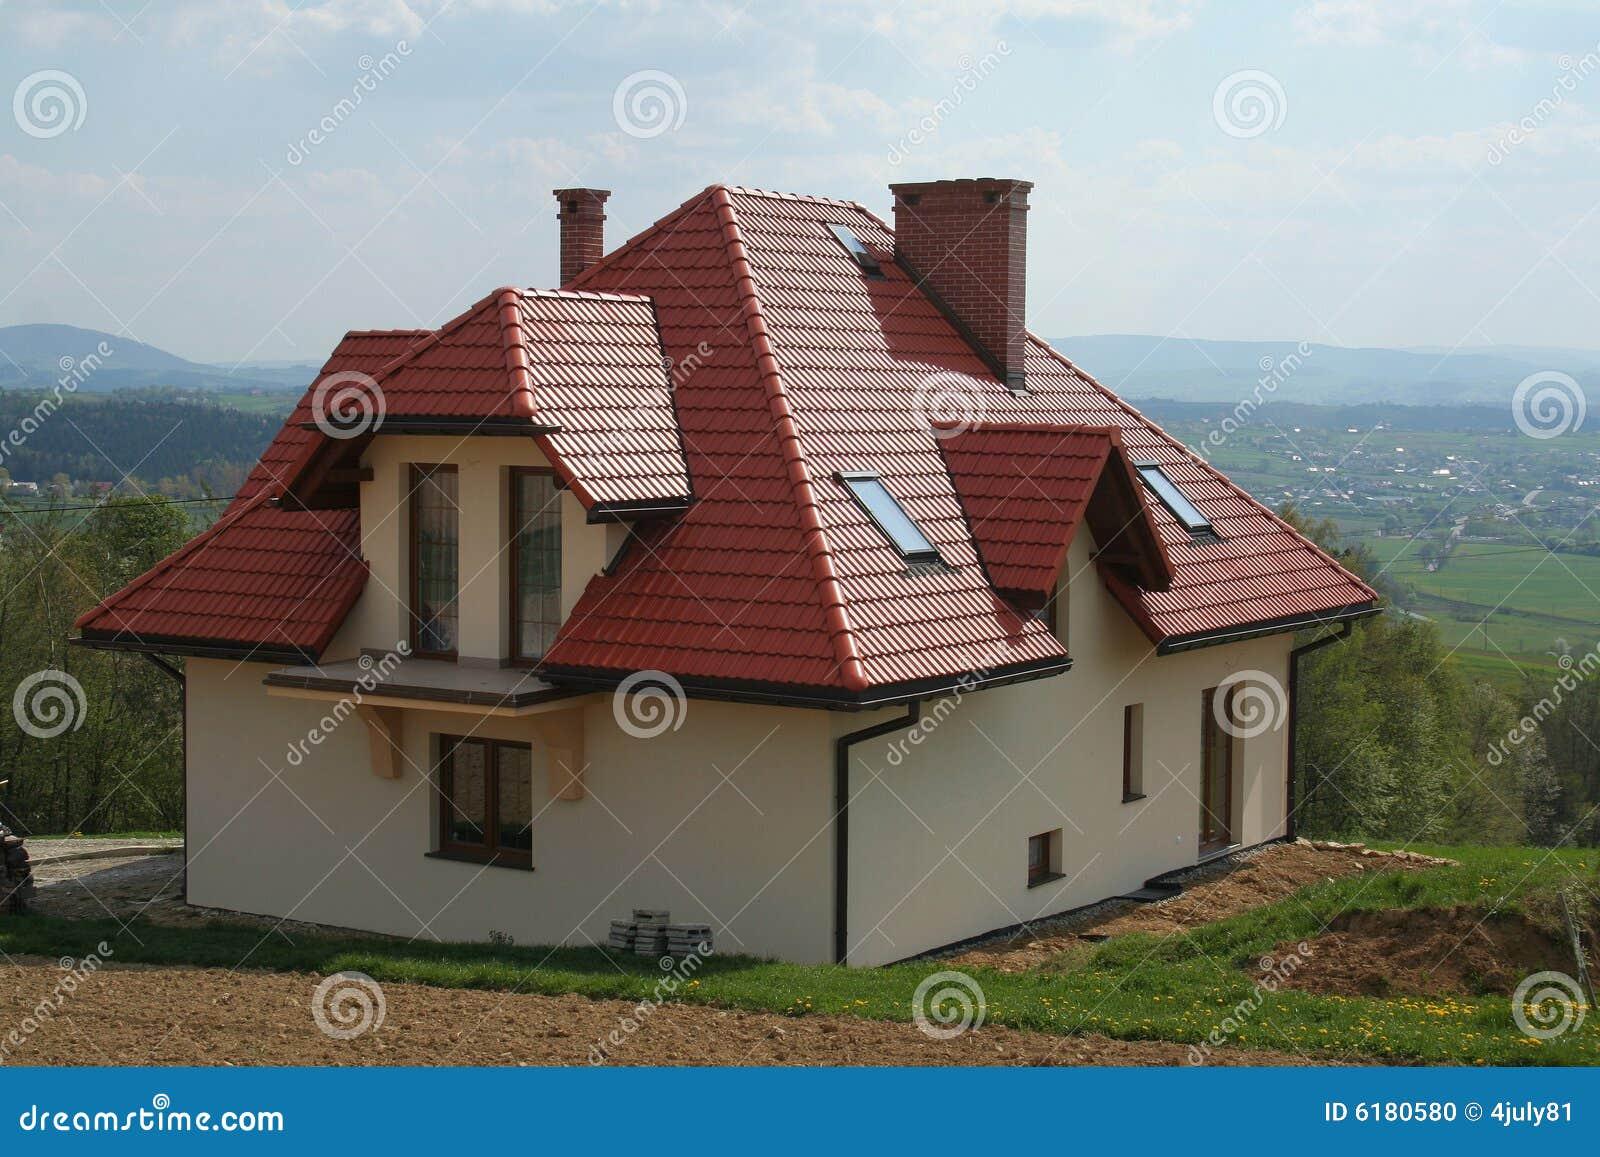 haus mit rotem dach stockfoto bild von dorf gras b ume 6180580. Black Bedroom Furniture Sets. Home Design Ideas